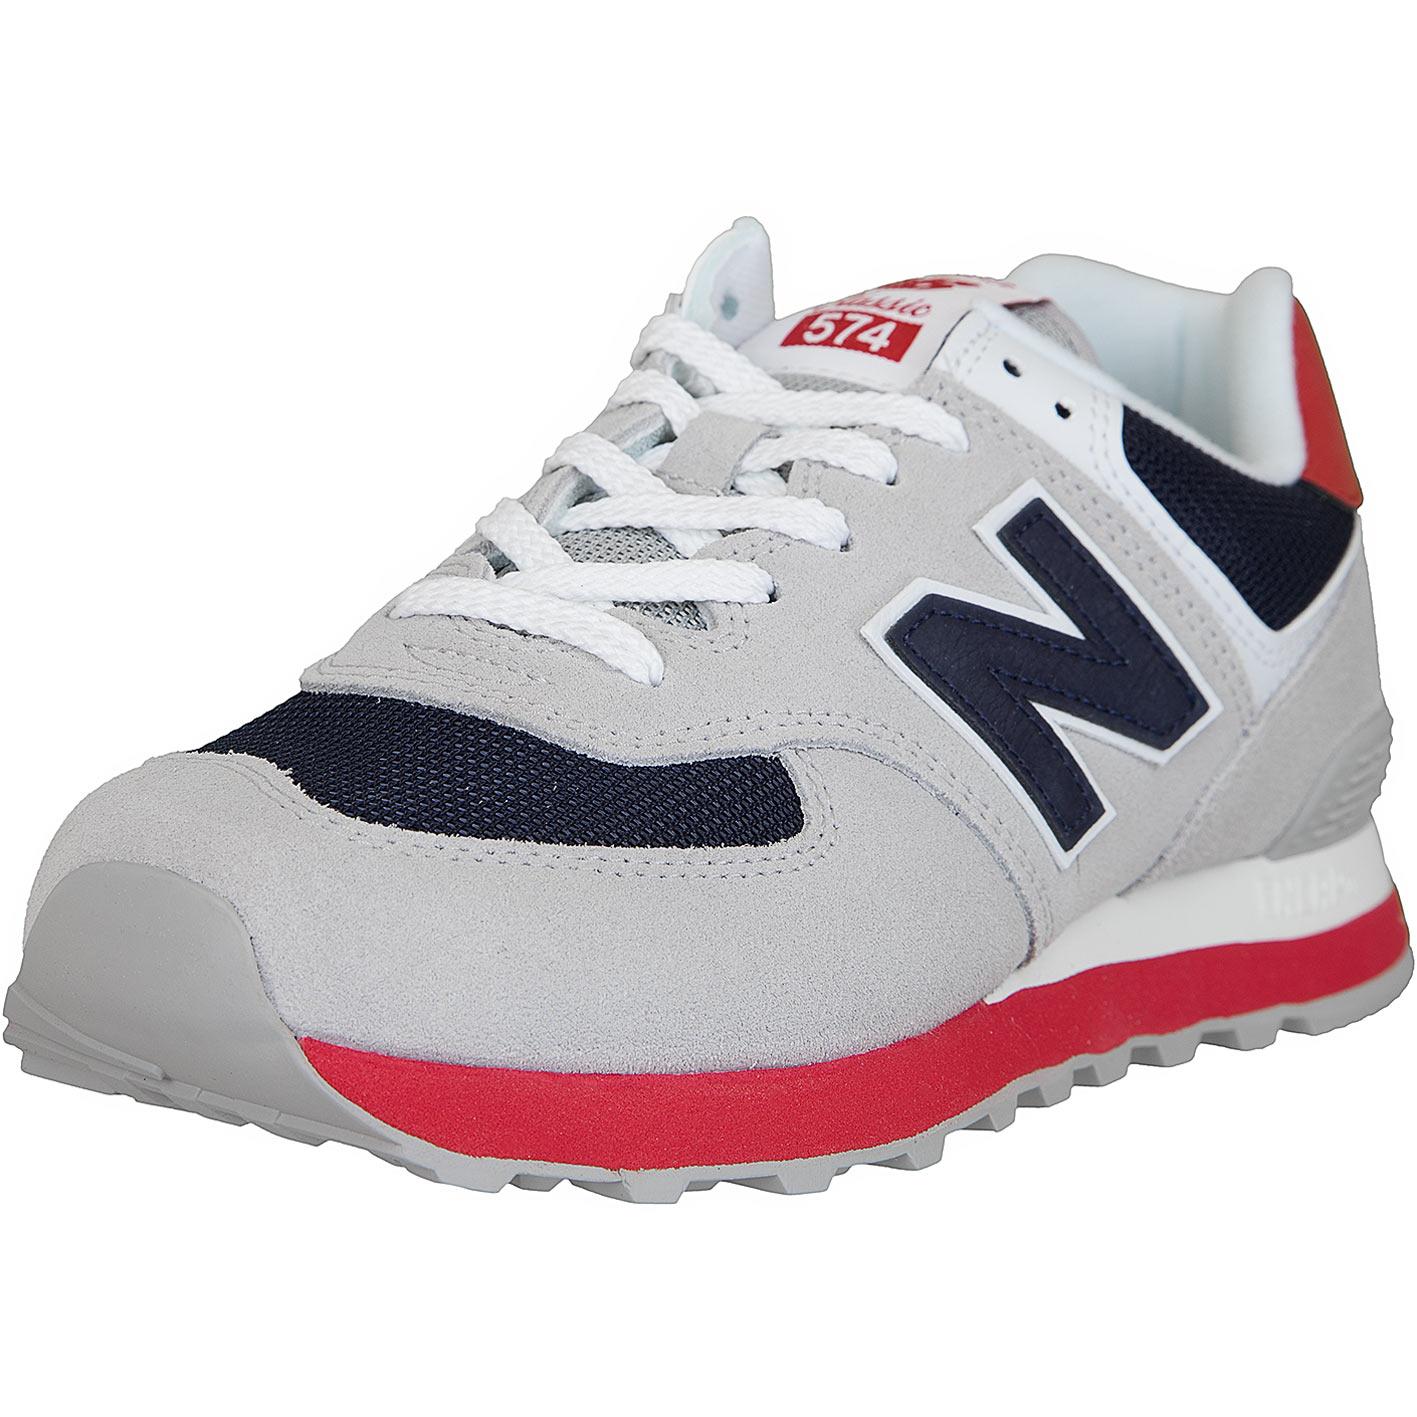 begrenzter Verkauf neuer Lebensstil Vielzahl von Designs und Farben New Balance Sneaker 574 Leder/Textil grau/dunkelblau